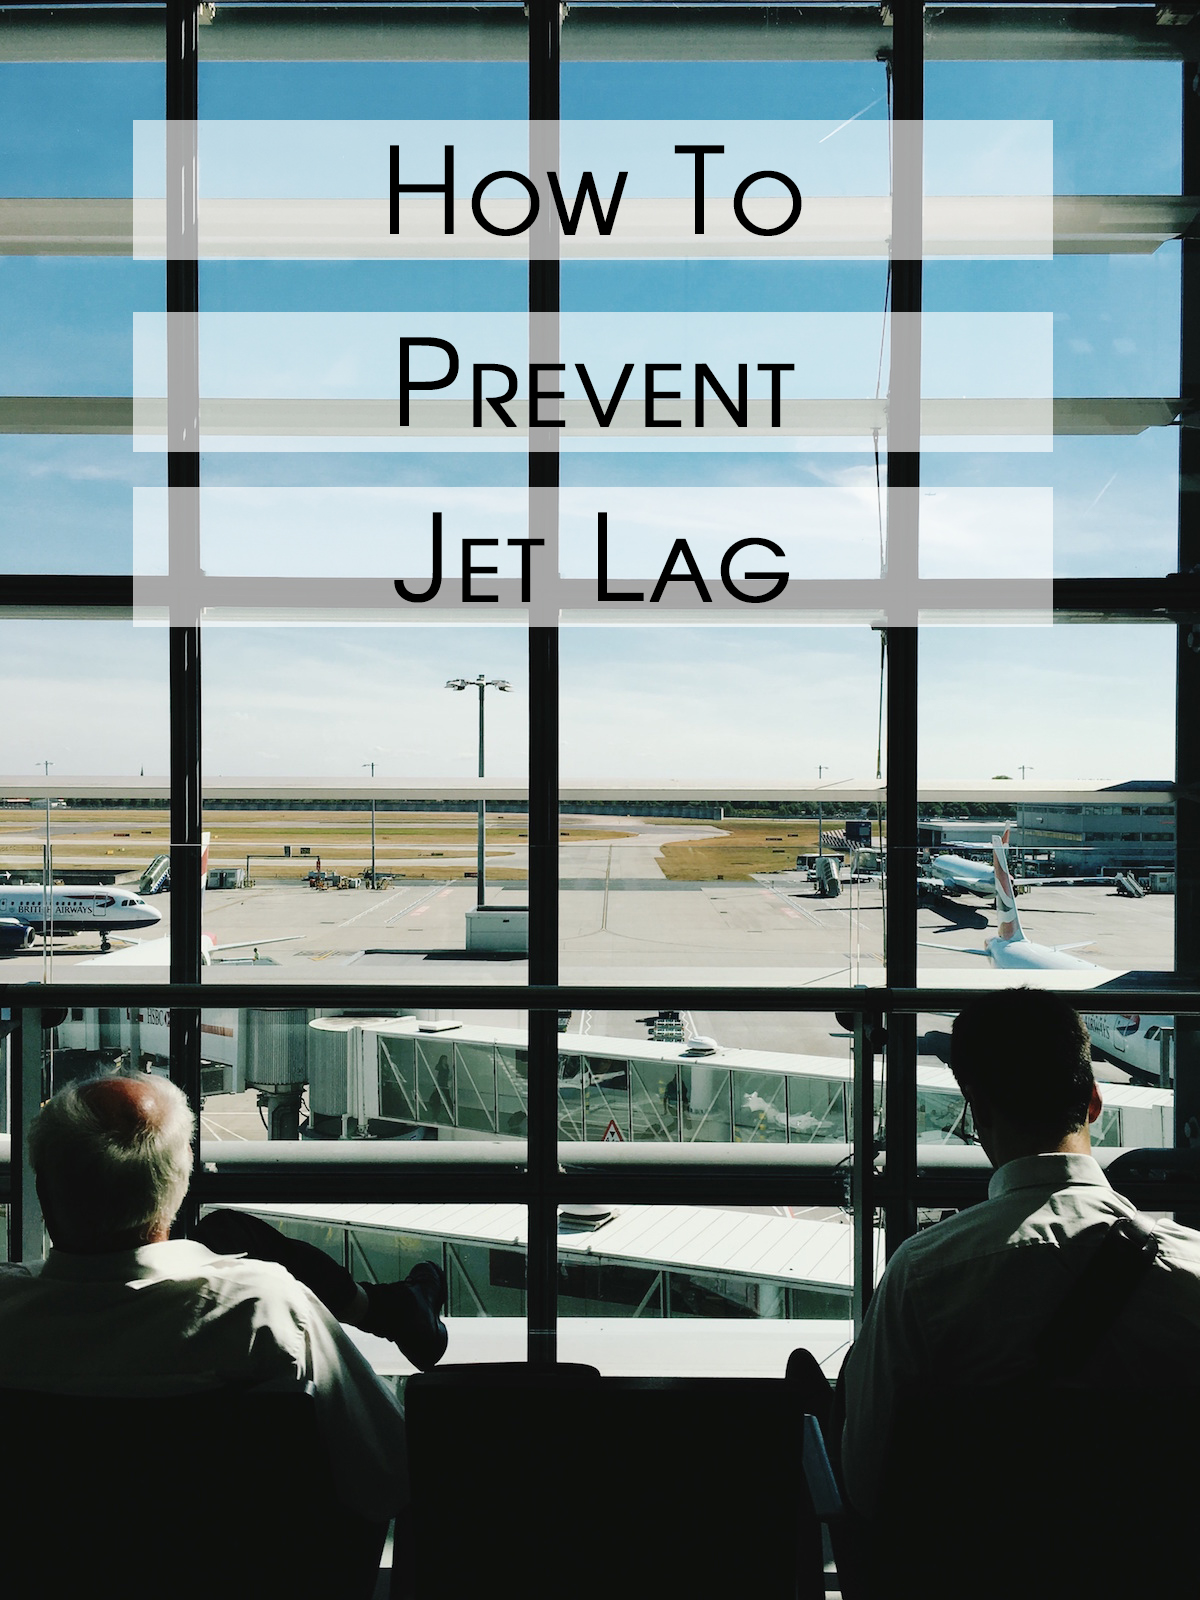 airplane travel prevent jet lag